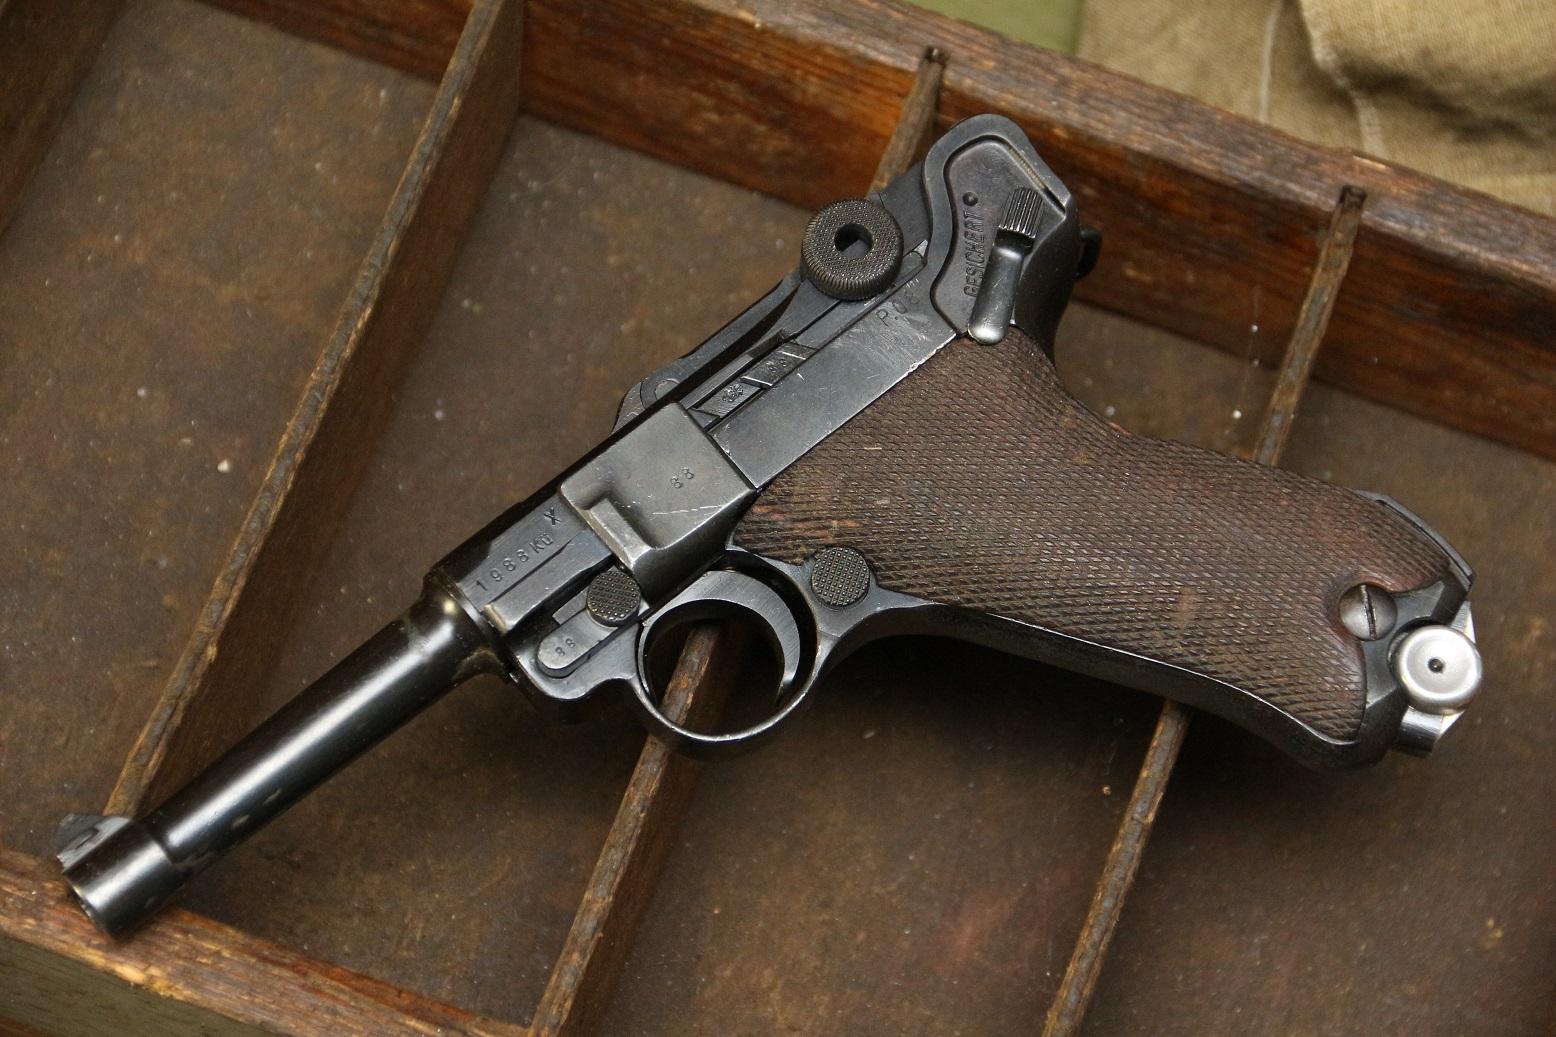 Фото Пистолет Luger P08 1941 года, №1988, Ku code - Люфтваффе, очень редкий